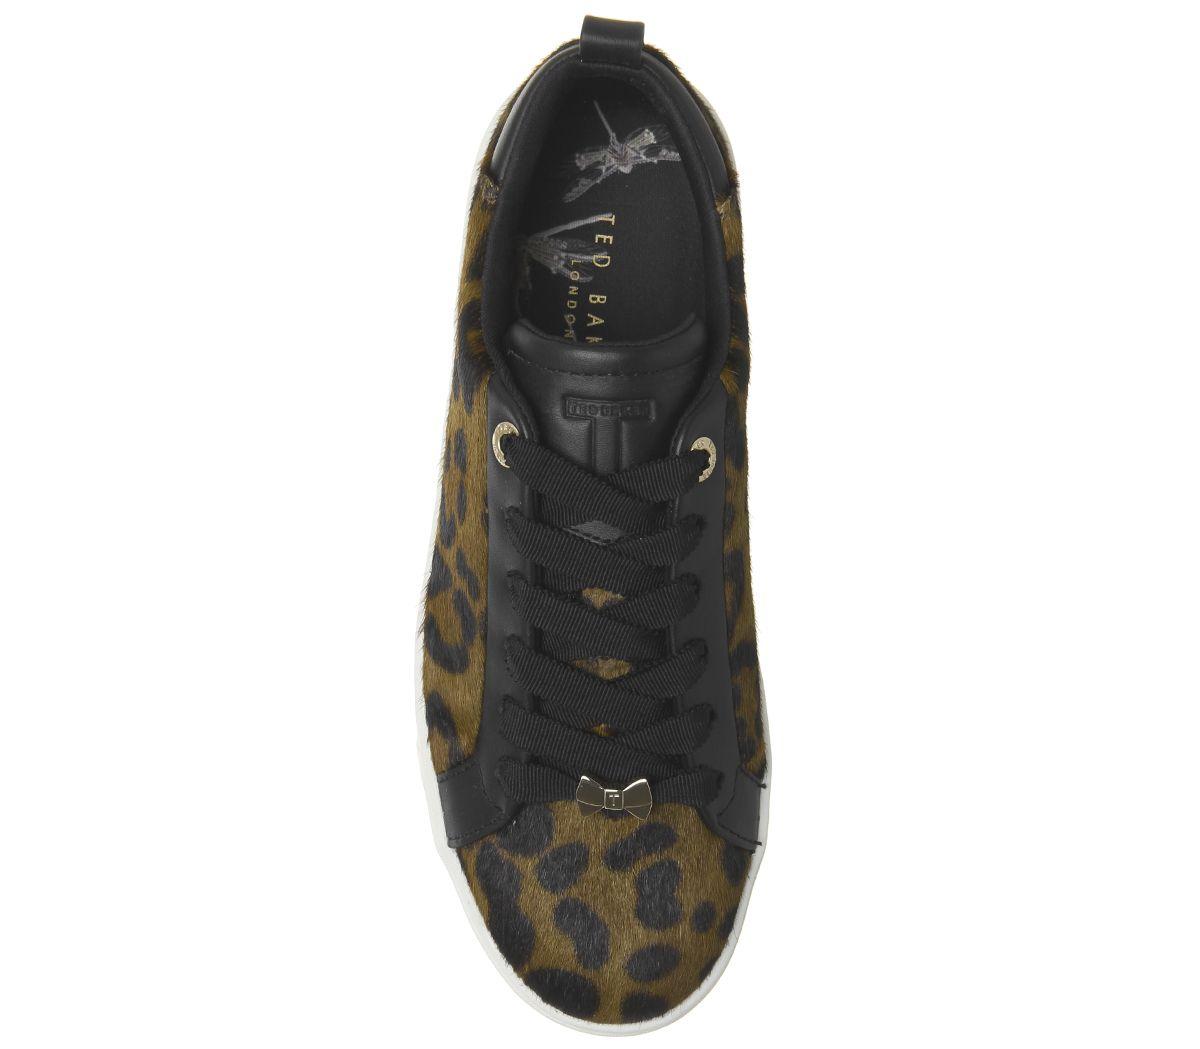 6d6fcb5da8 Dettagli su Da Donna Ted Baker elzseel Scarpe da Ginnastica Leopardata  Scarpe Basse- mostra il titolo originale